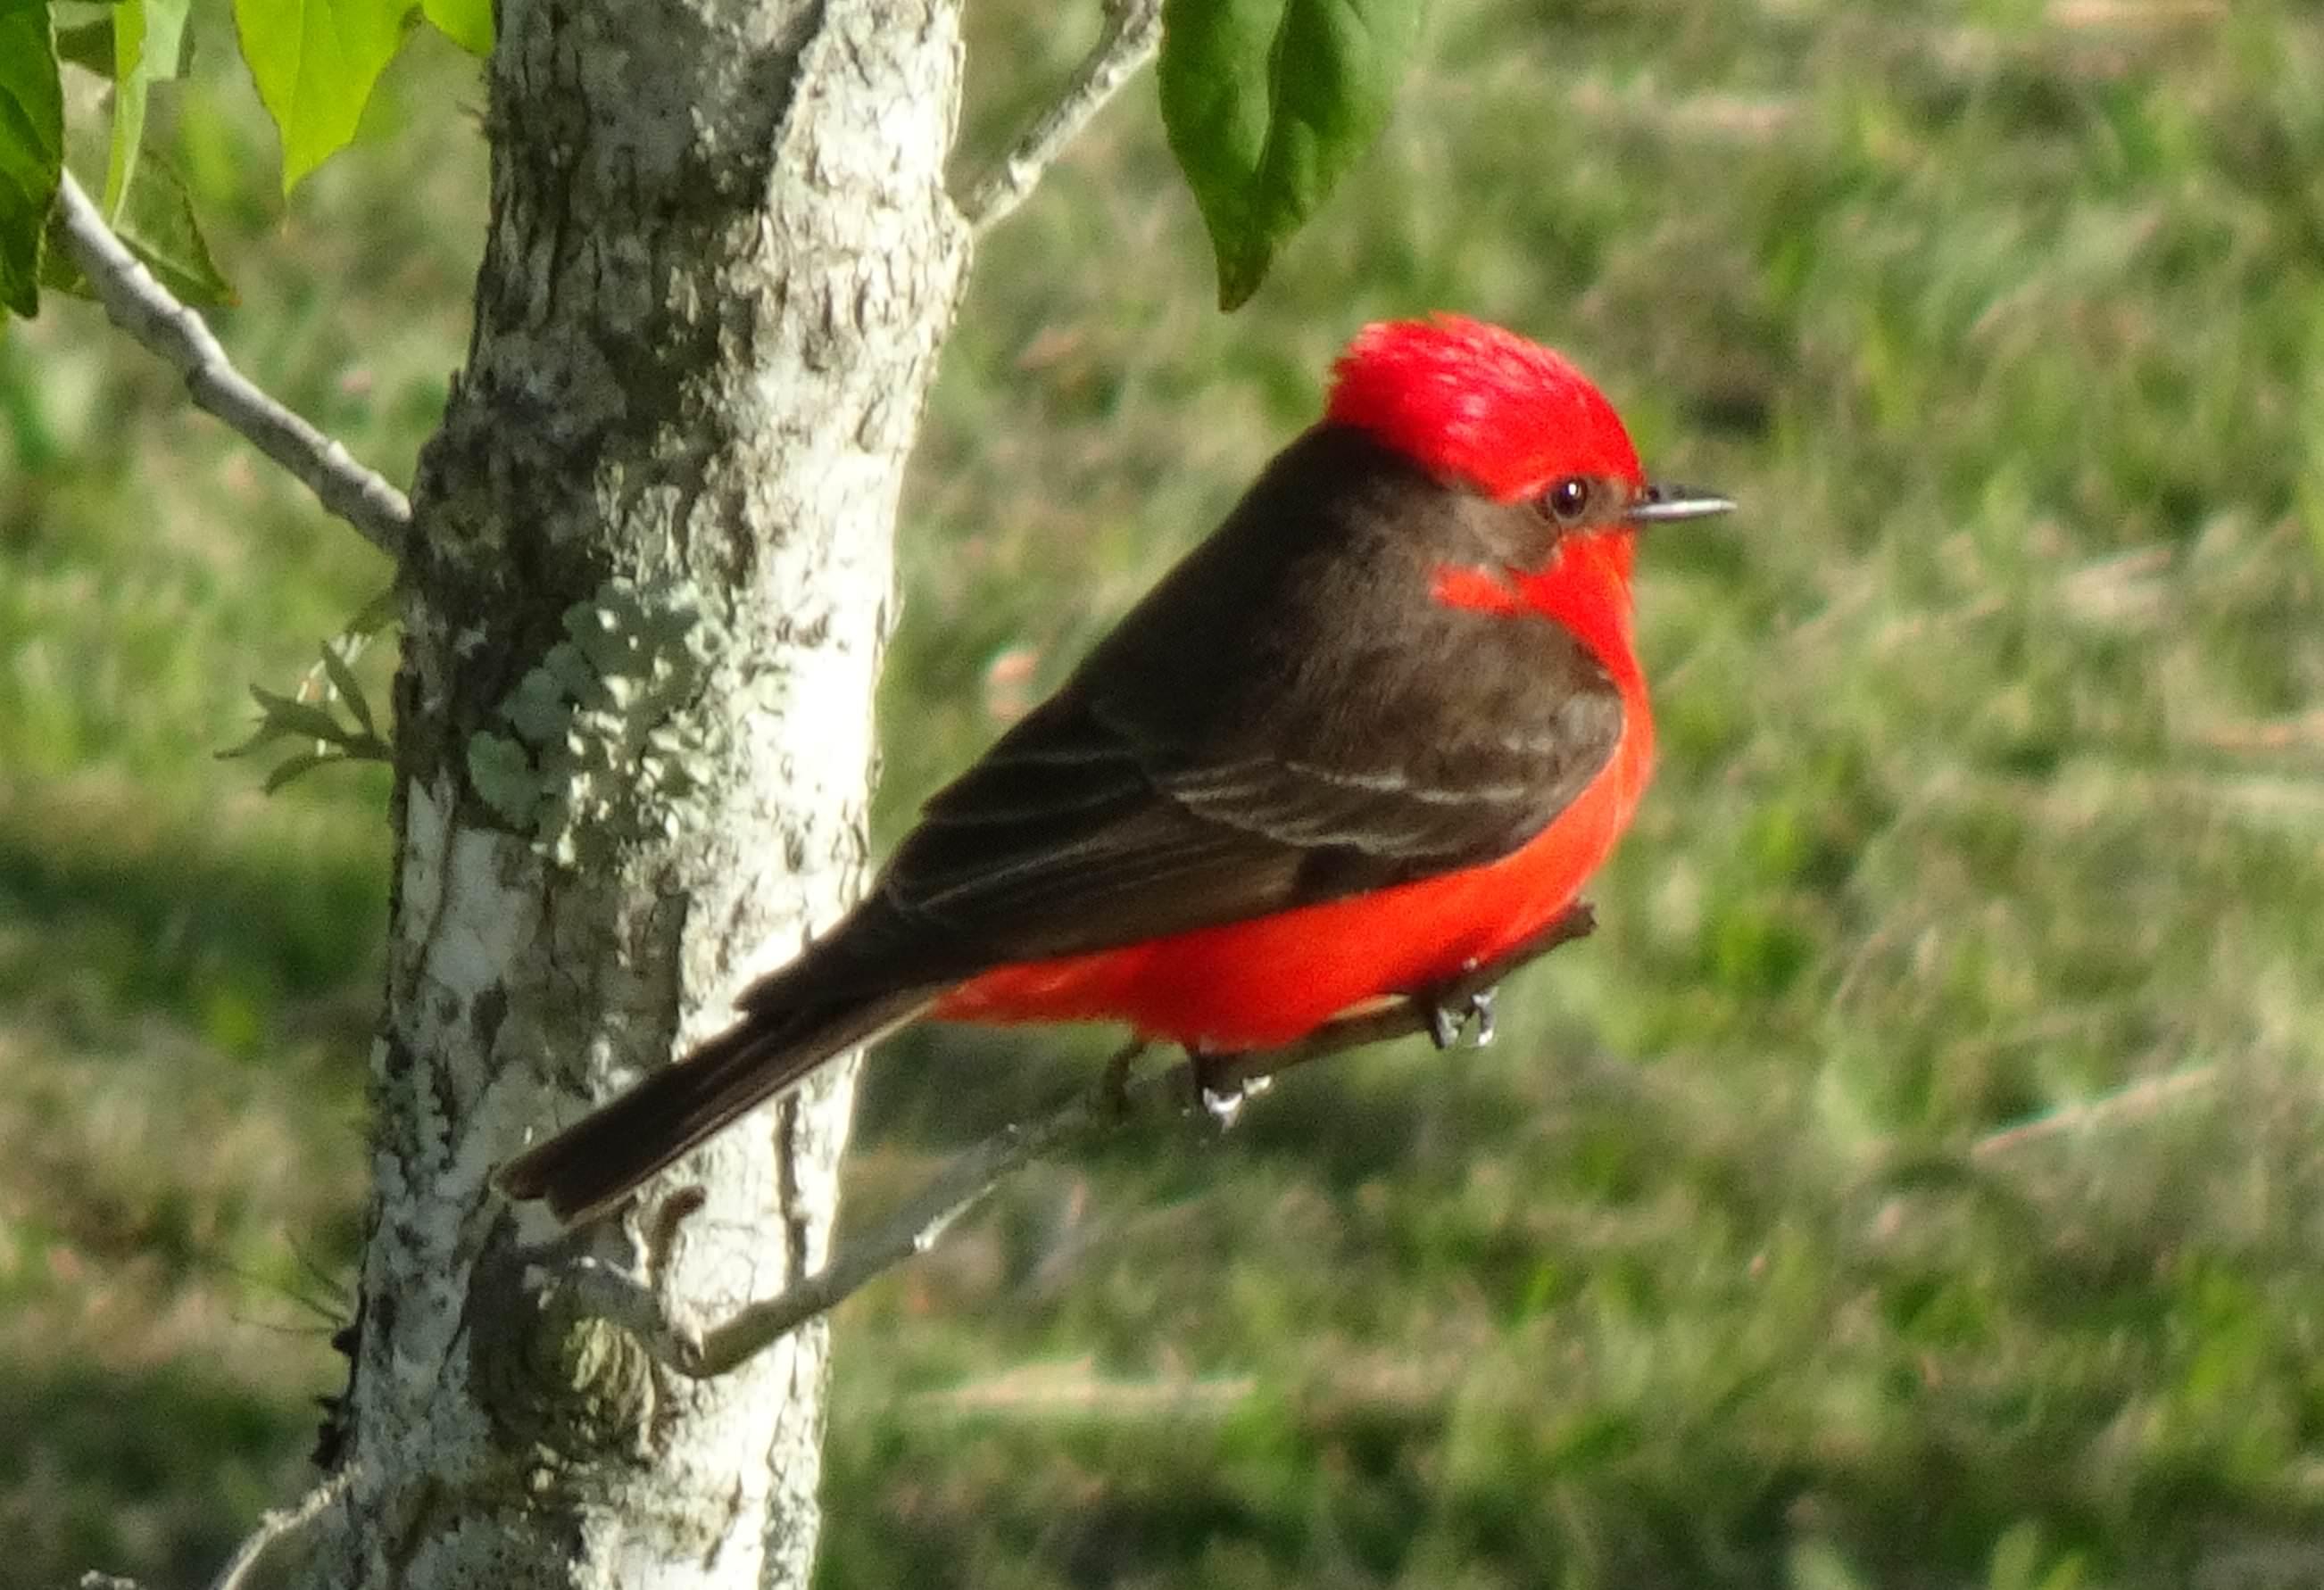 Red bird in Uruguay